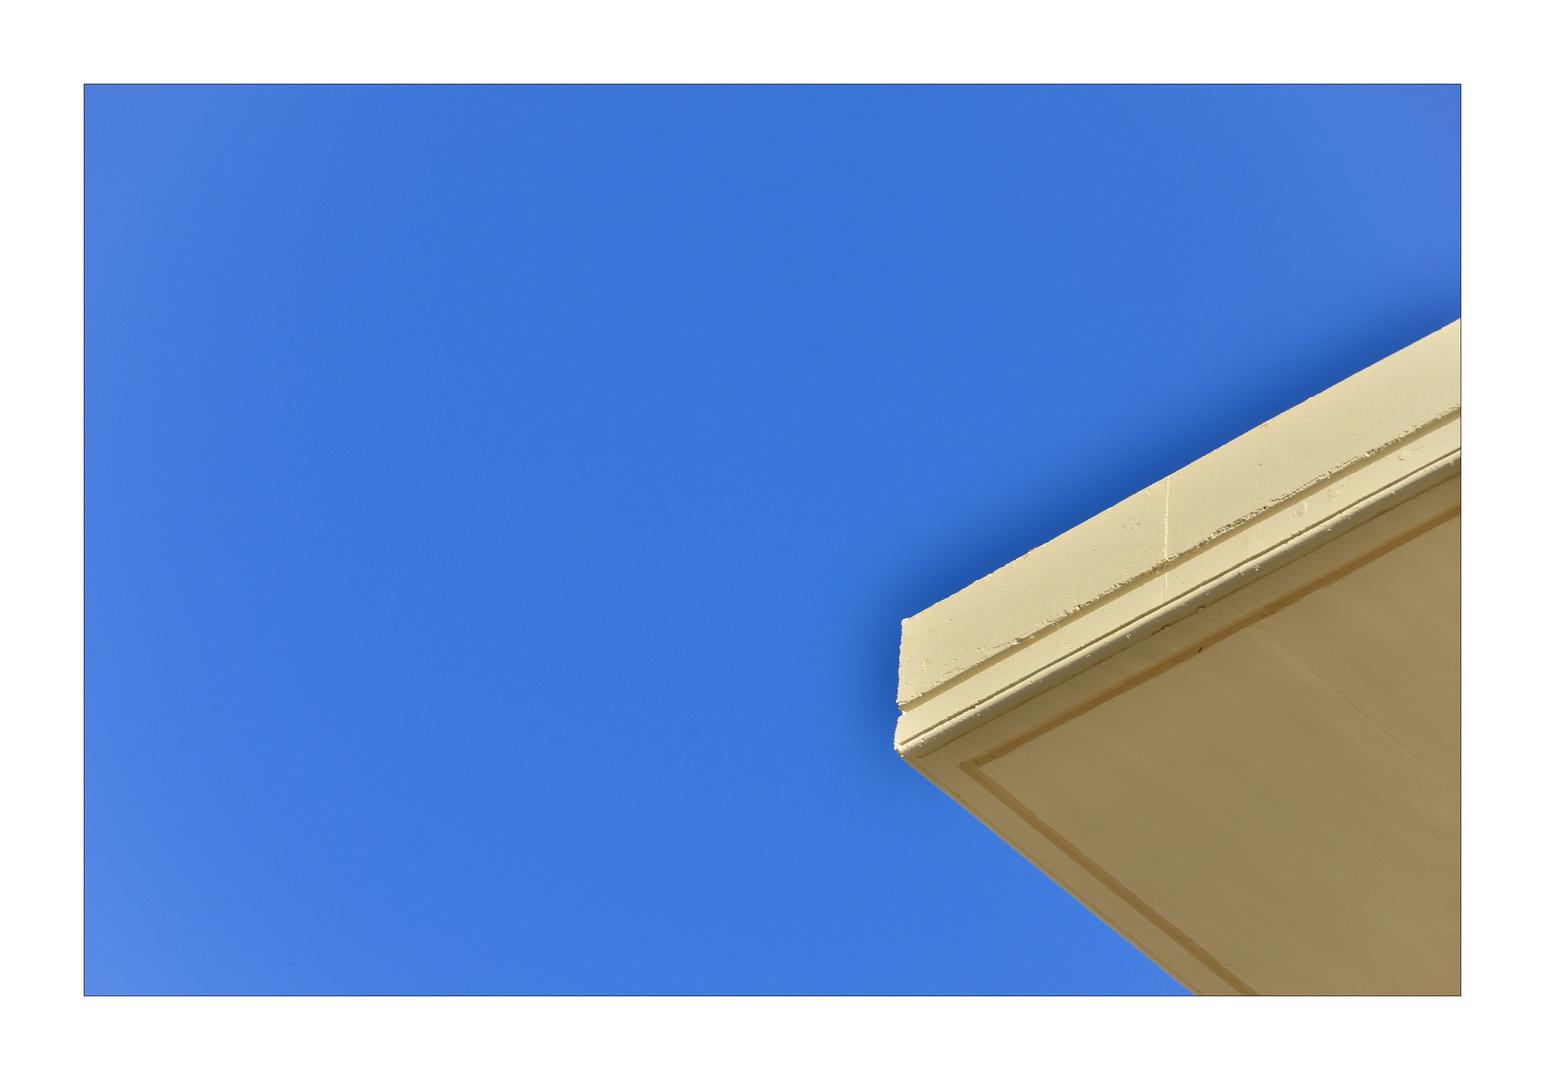 Griechisch Blau 1